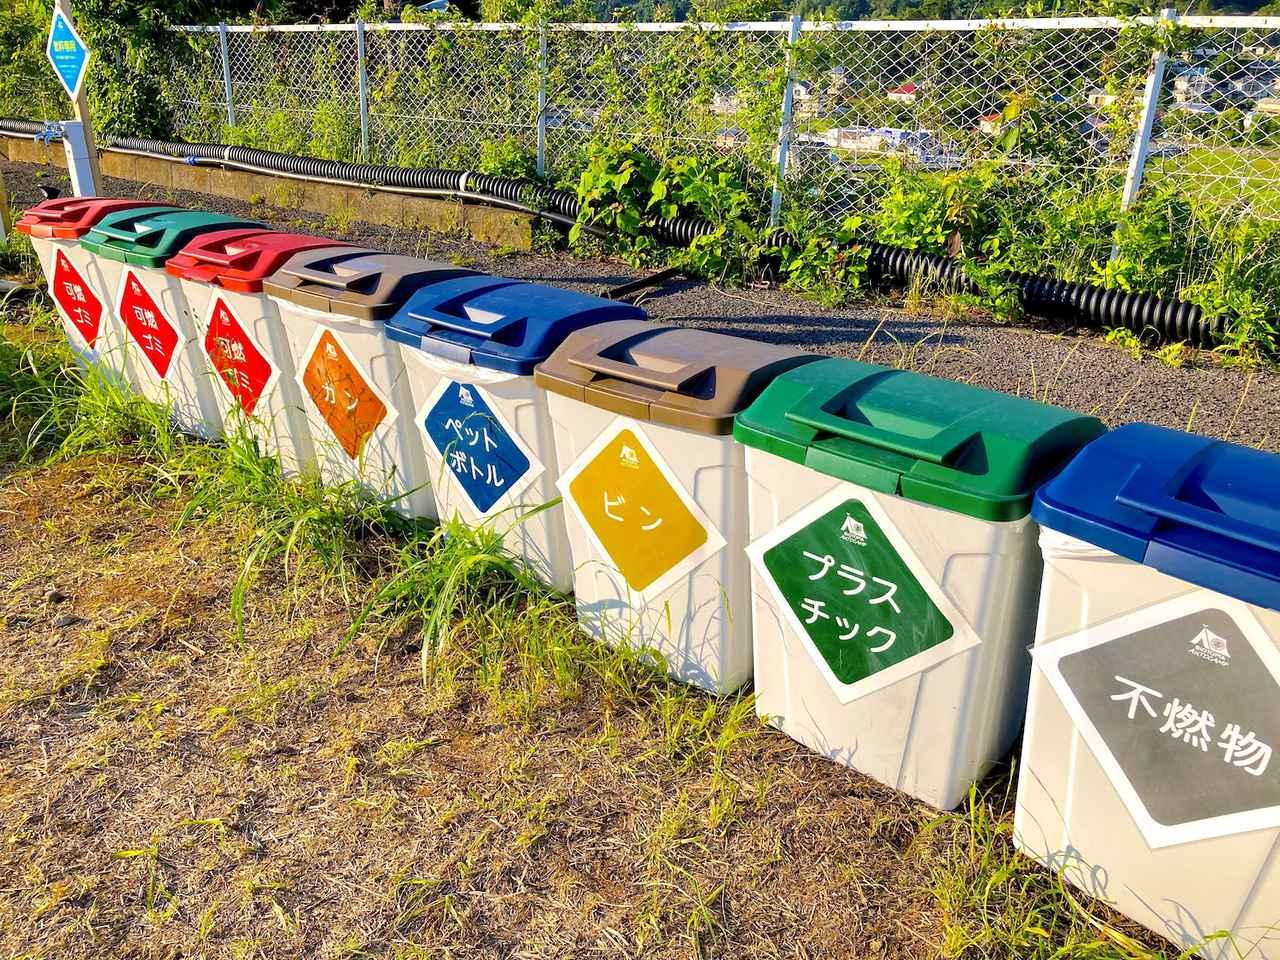 画像: 綺麗に整備された蓋付きのゴミ箱がズラリ!